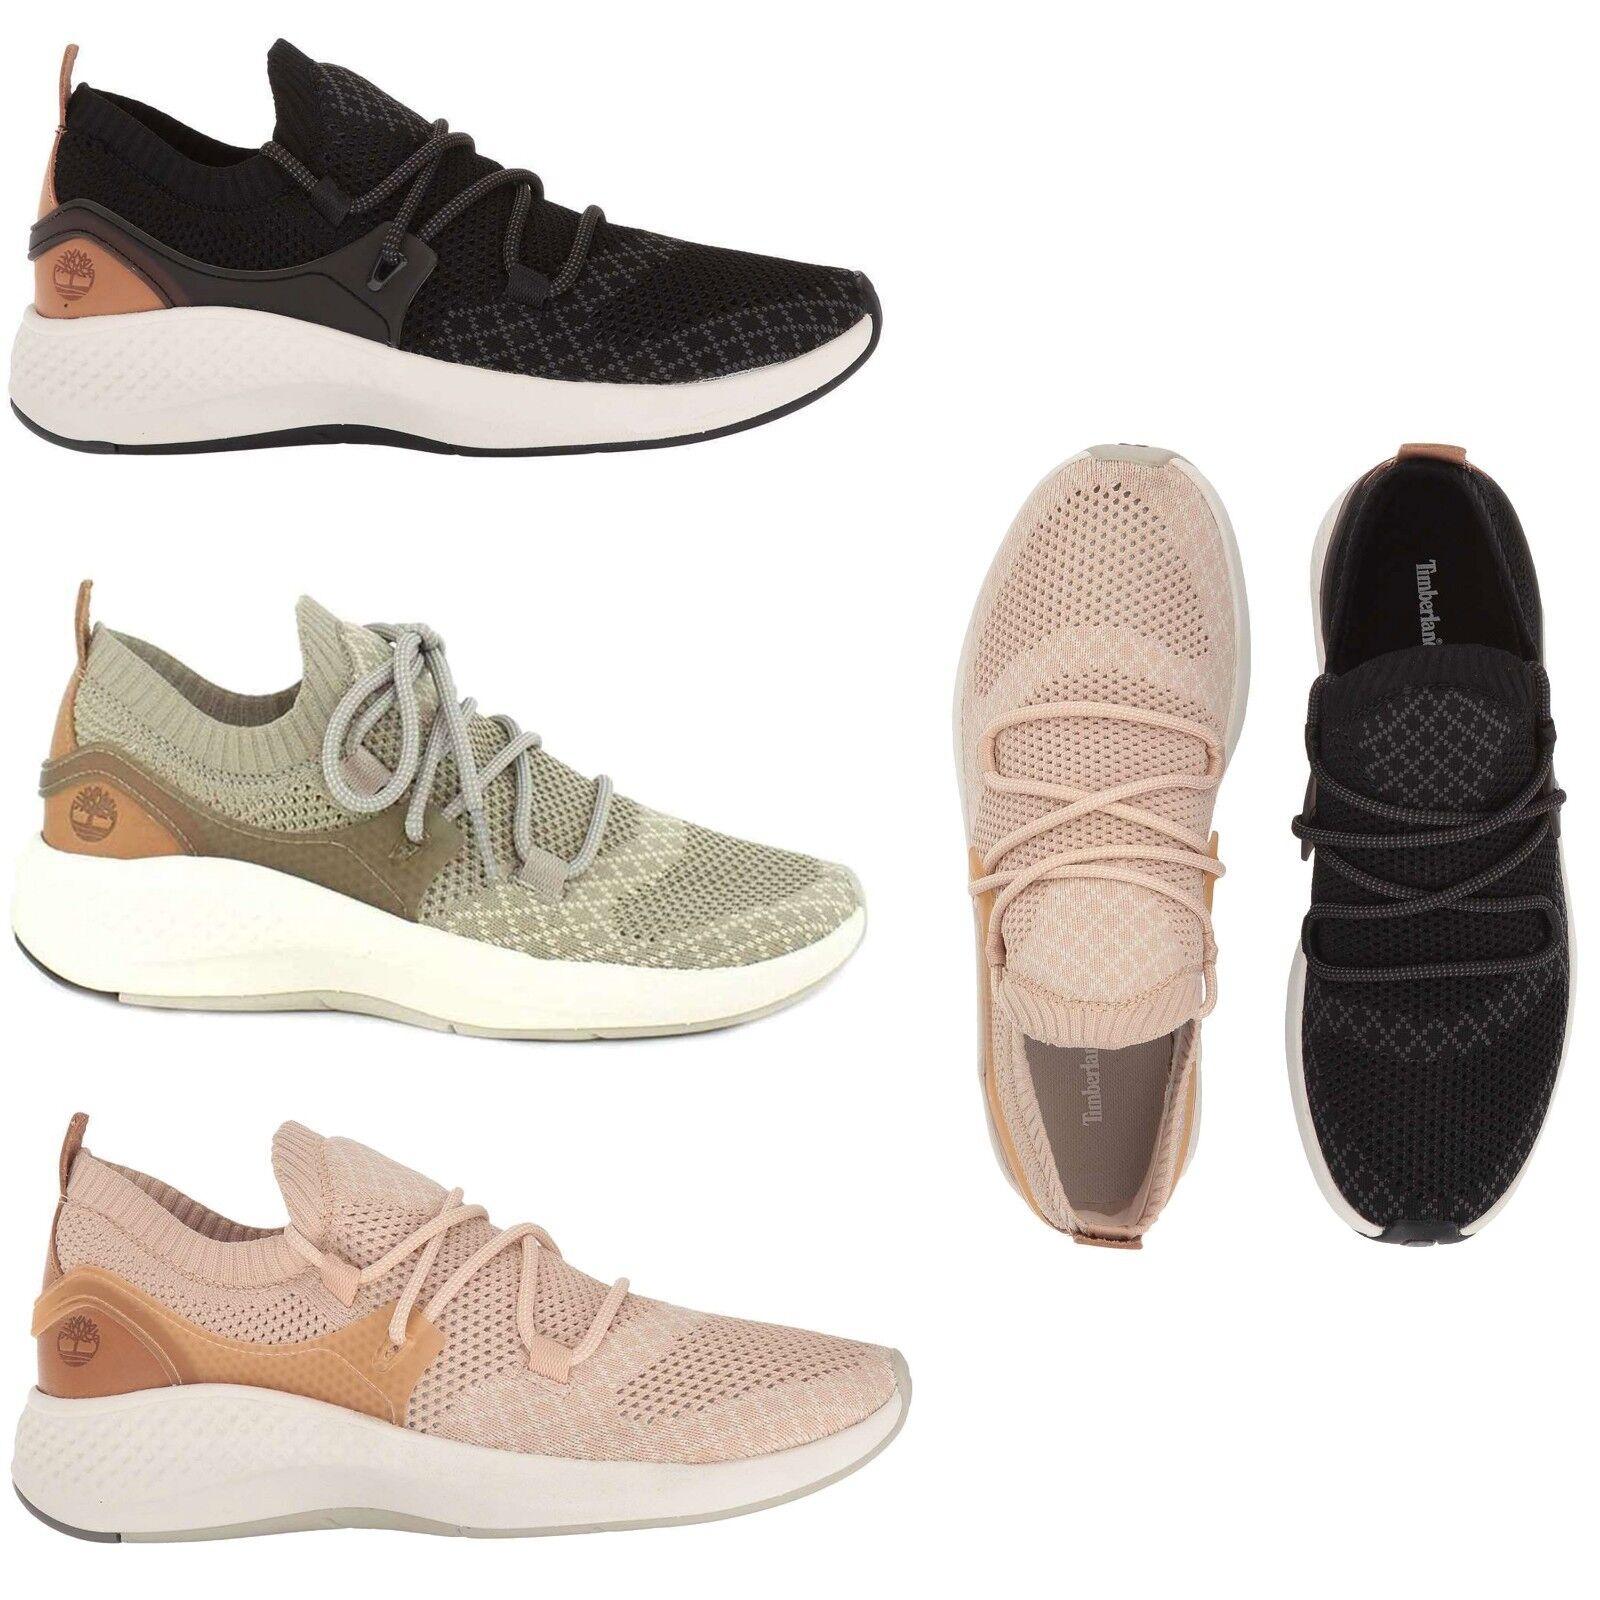 Flyroam Go Knit Oxford Sneaker Lace